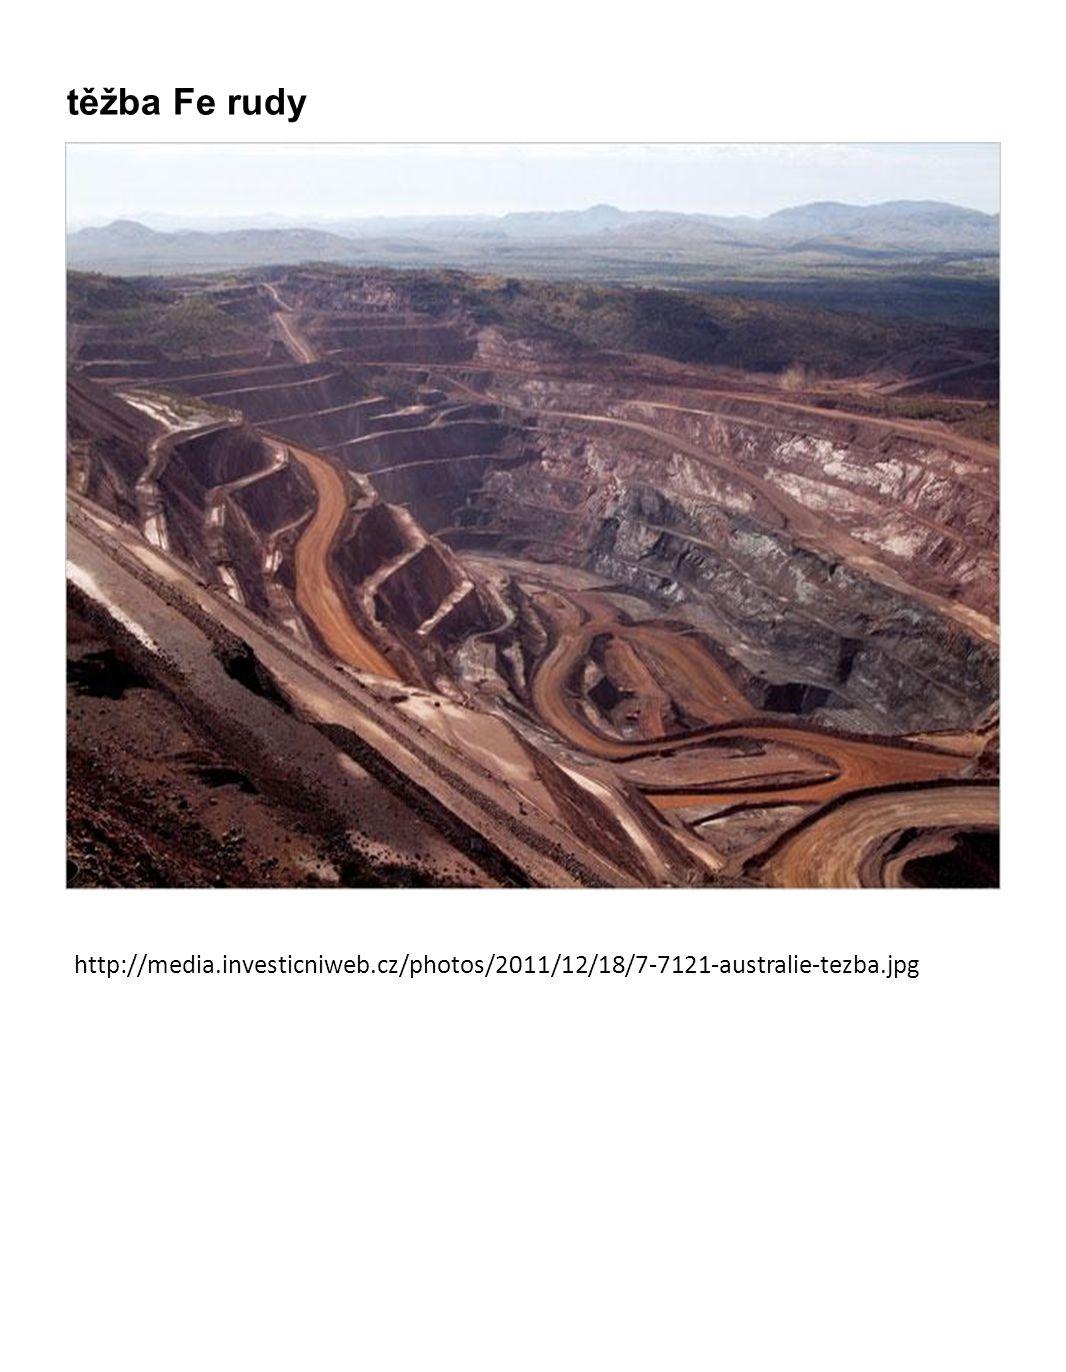 těžba Fe rudy http://media.investicniweb.cz/photos/2011/12/18/7-7121-australie-tezba.jpg